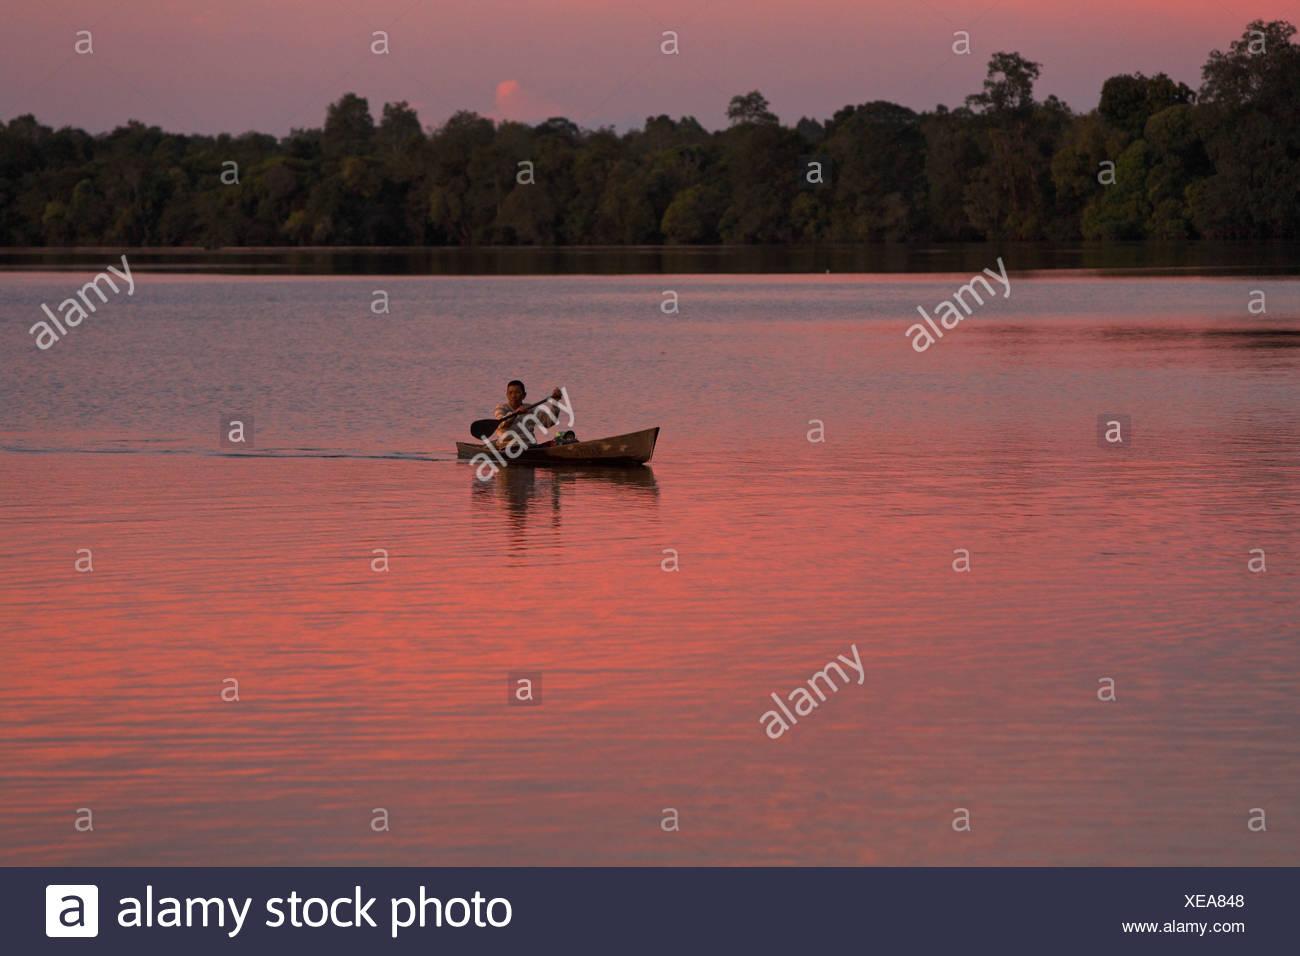 Danau Sentarum Lake, Kapuas Hulu, West Kalimantan, Kalimantan Barat, Borneo, Indonesia, Southeast Asia - Stock Image